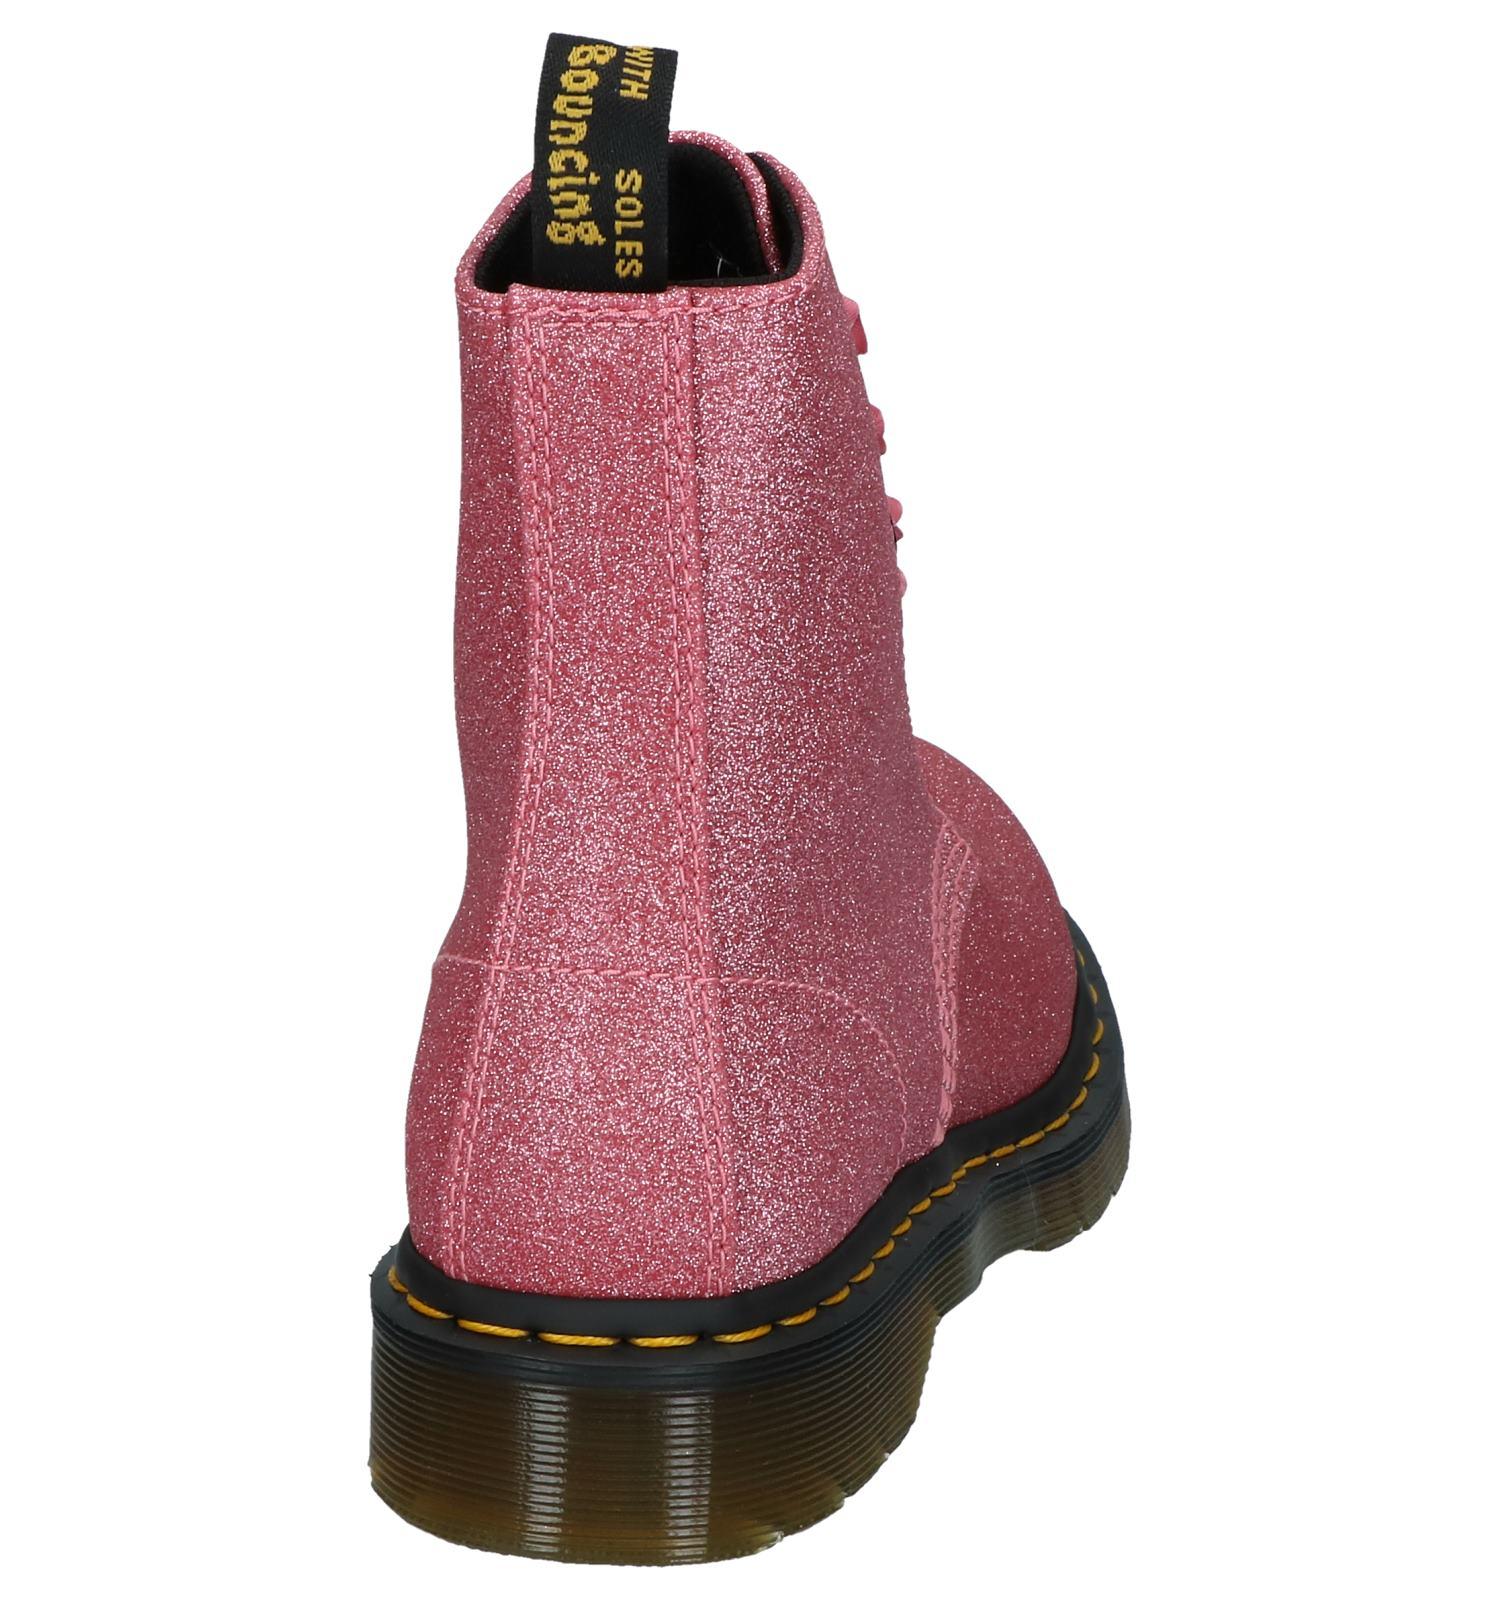 DrMartens Roze Pascal Roze Veterboots Glitter Glitter Roze DrMartens Veterboots Pascal qVpUzMGS